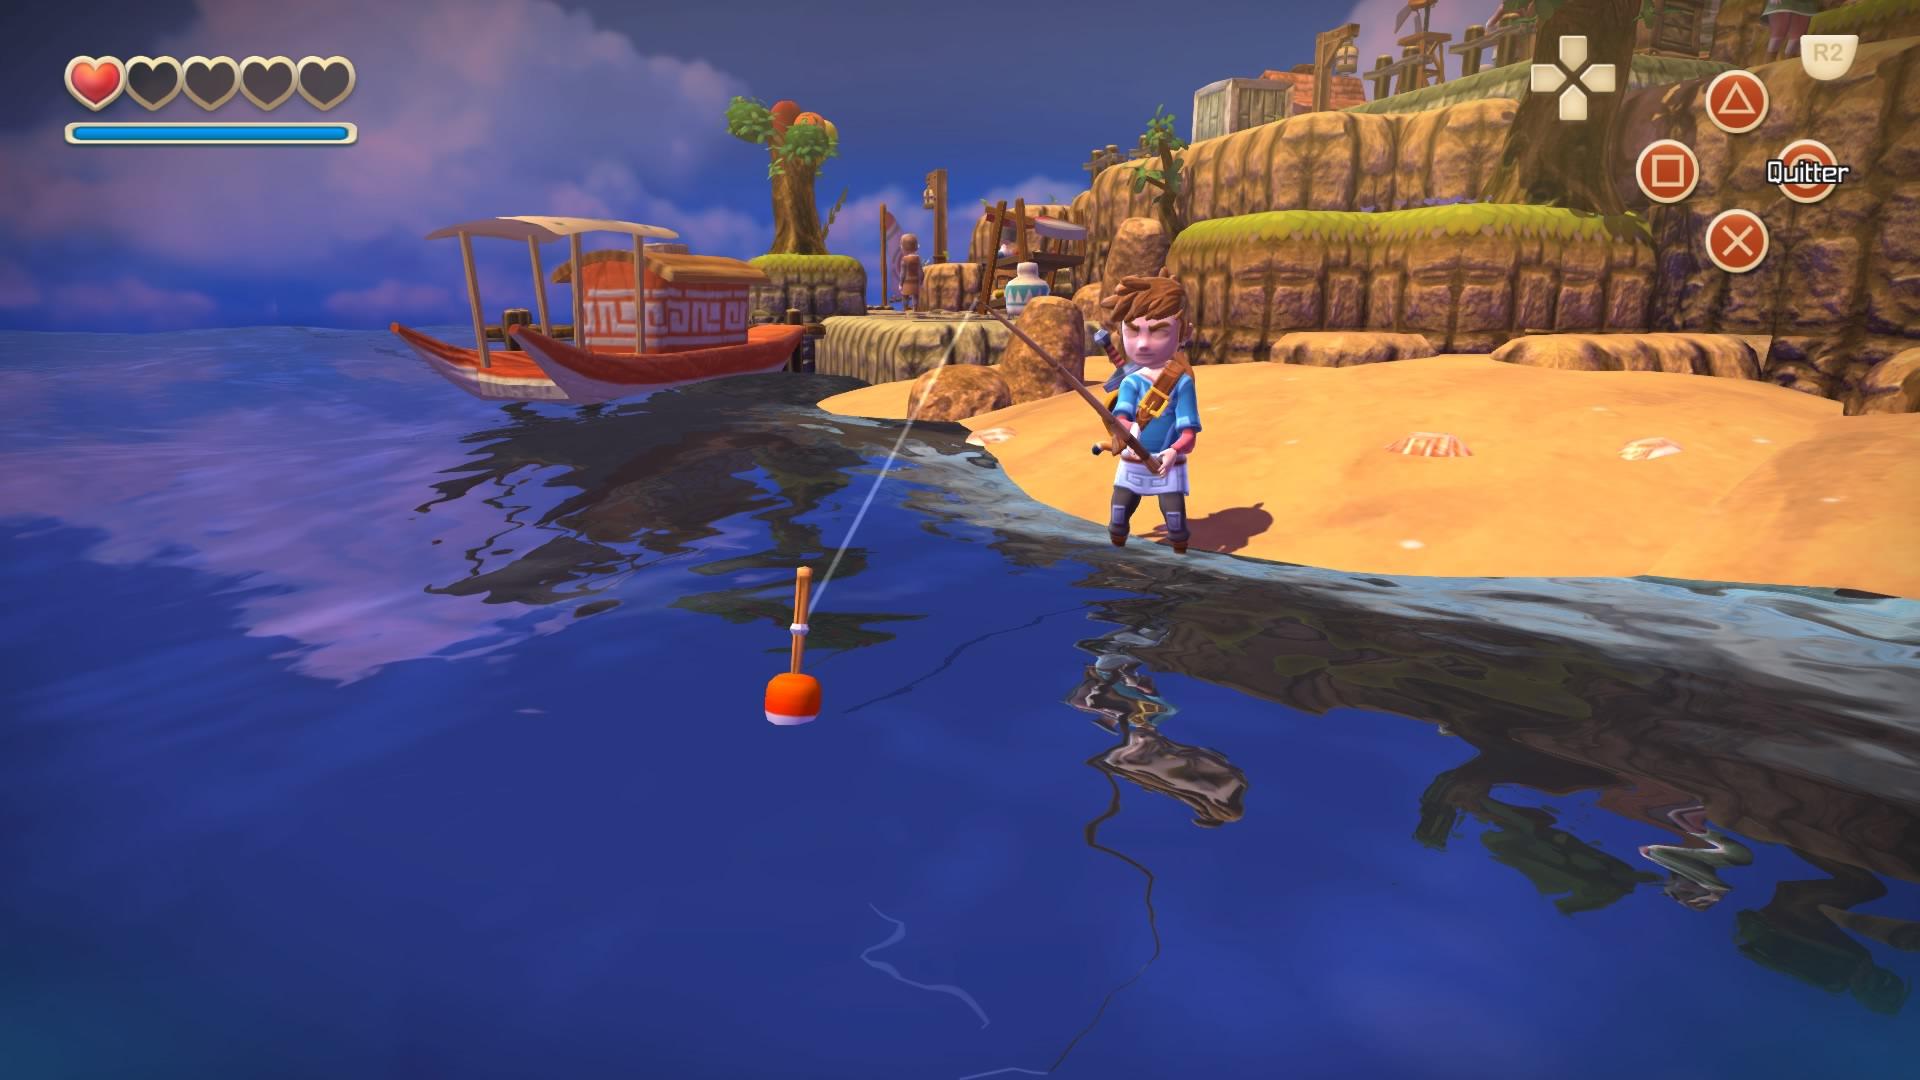 Per contra, se pòt pescar dins Oceanhorn, es una origin...non, desconi, ven de Zelda tanben.